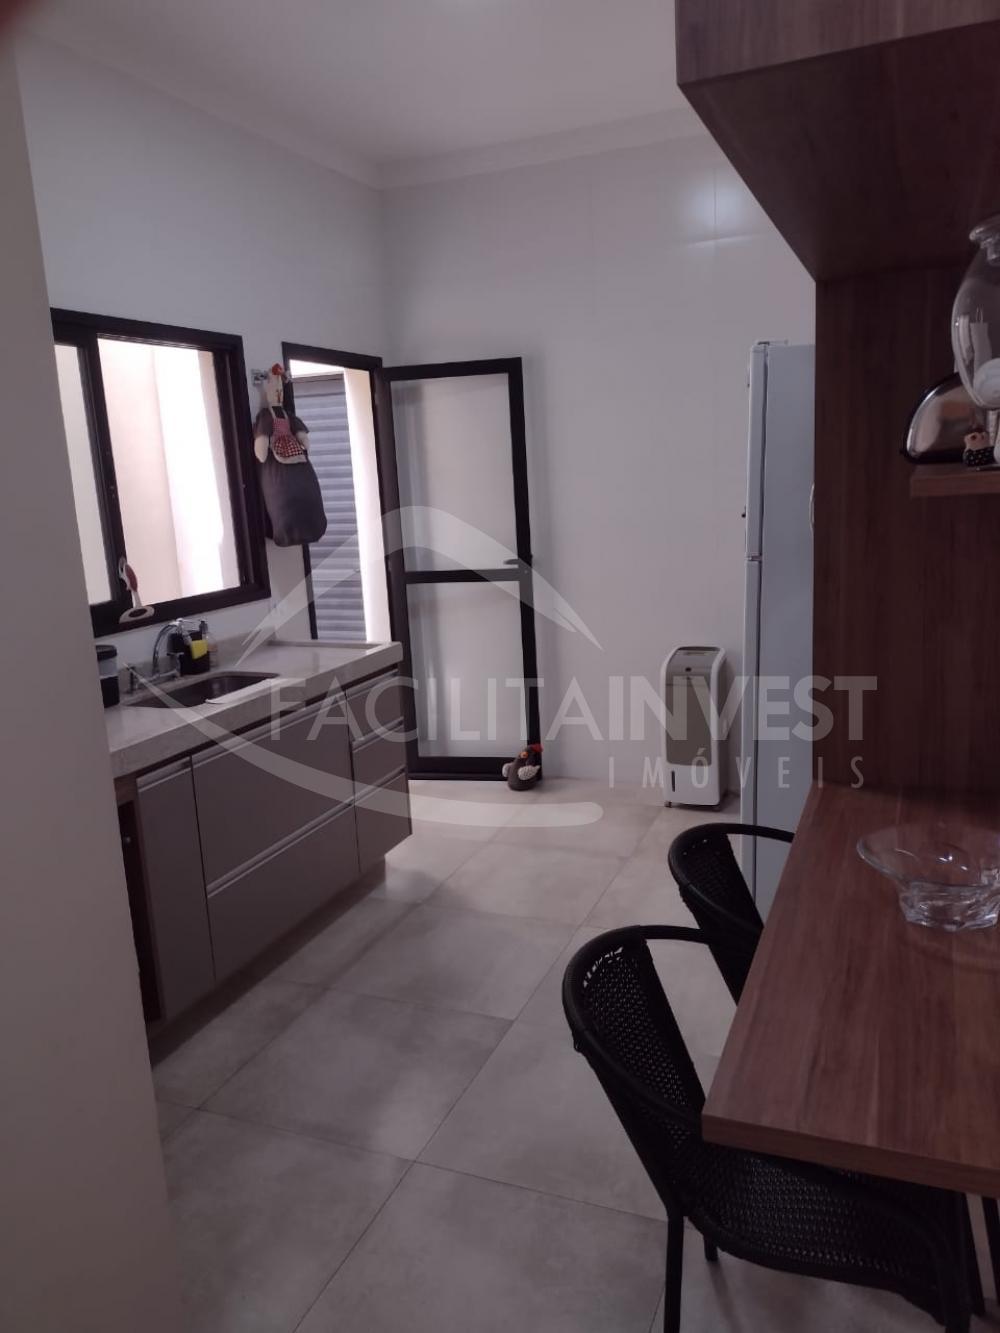 Comprar Casa Condomínio / Casa Condomínio em Ribeirão Preto apenas R$ 690.000,00 - Foto 8